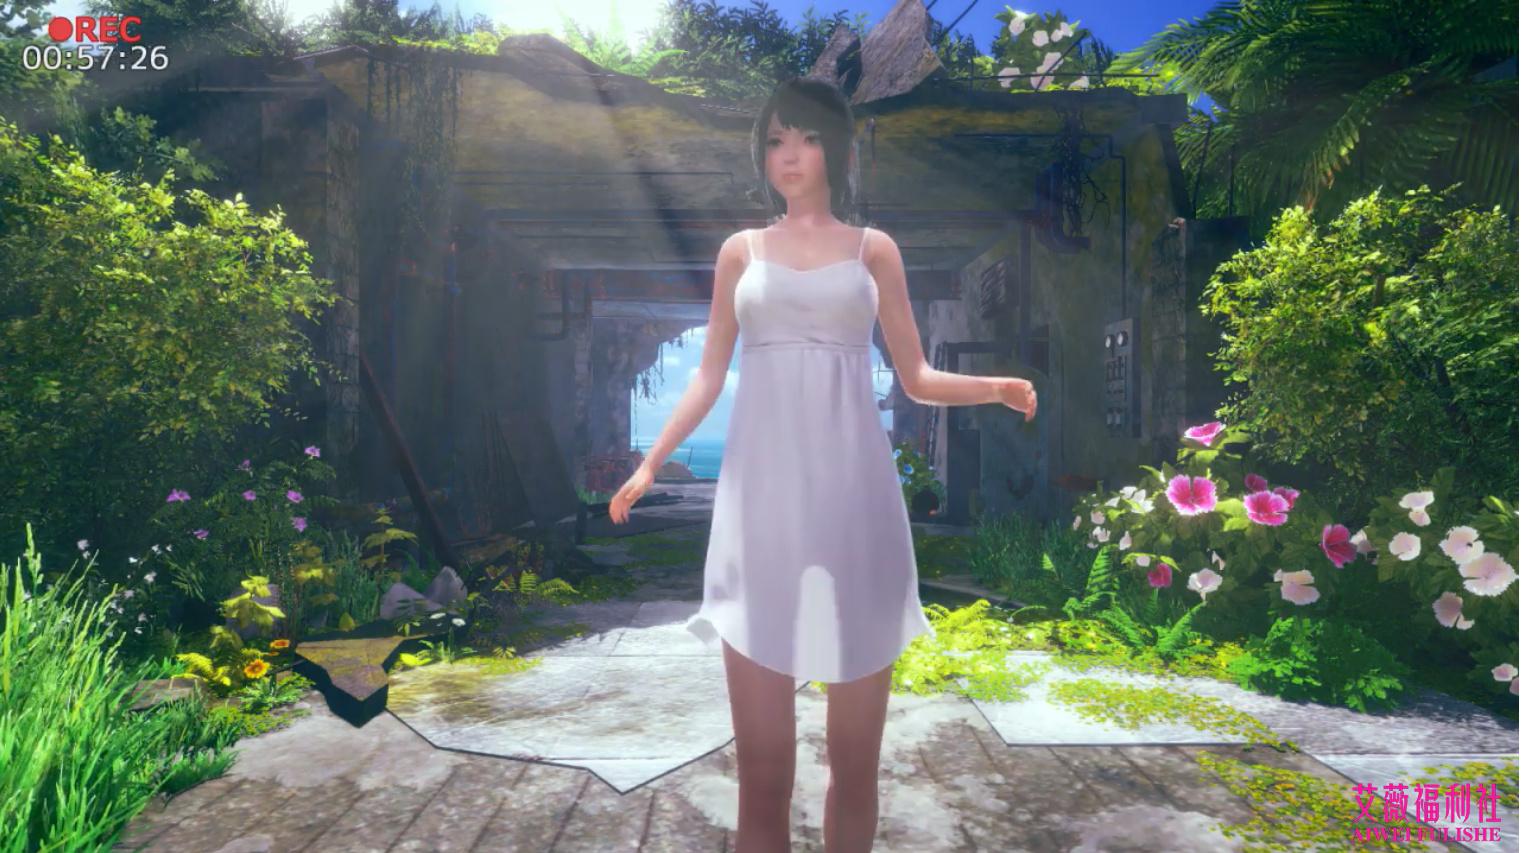 日本h成人单机18禁游戏—《AI*少女》与美少女独居无人岛